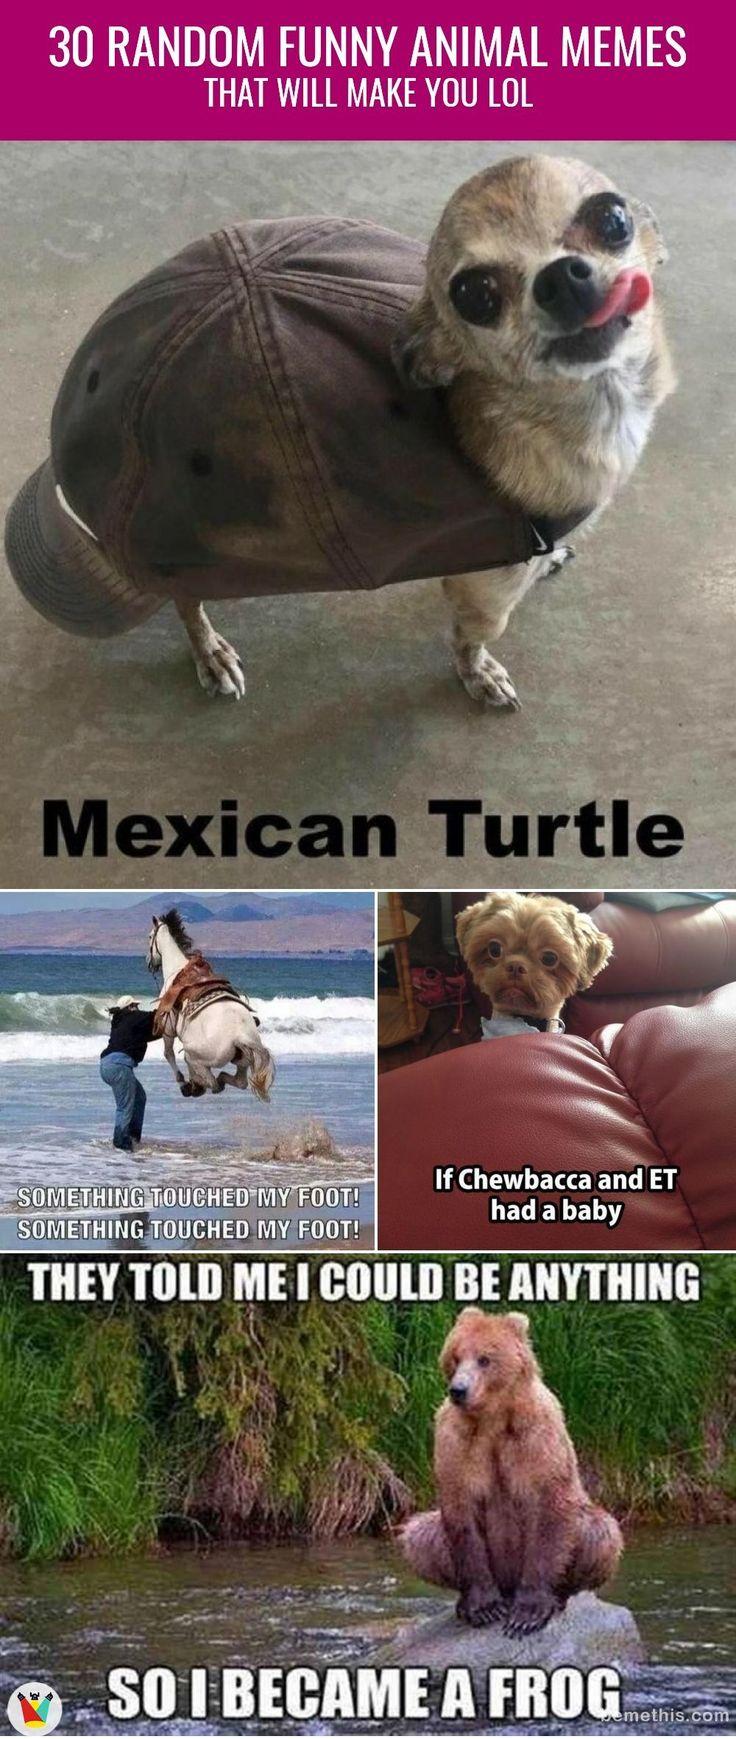 30 zufällige lustige Tier-Meme, die dich zum LOL machen. Hast du einen mürrischen Tag? …